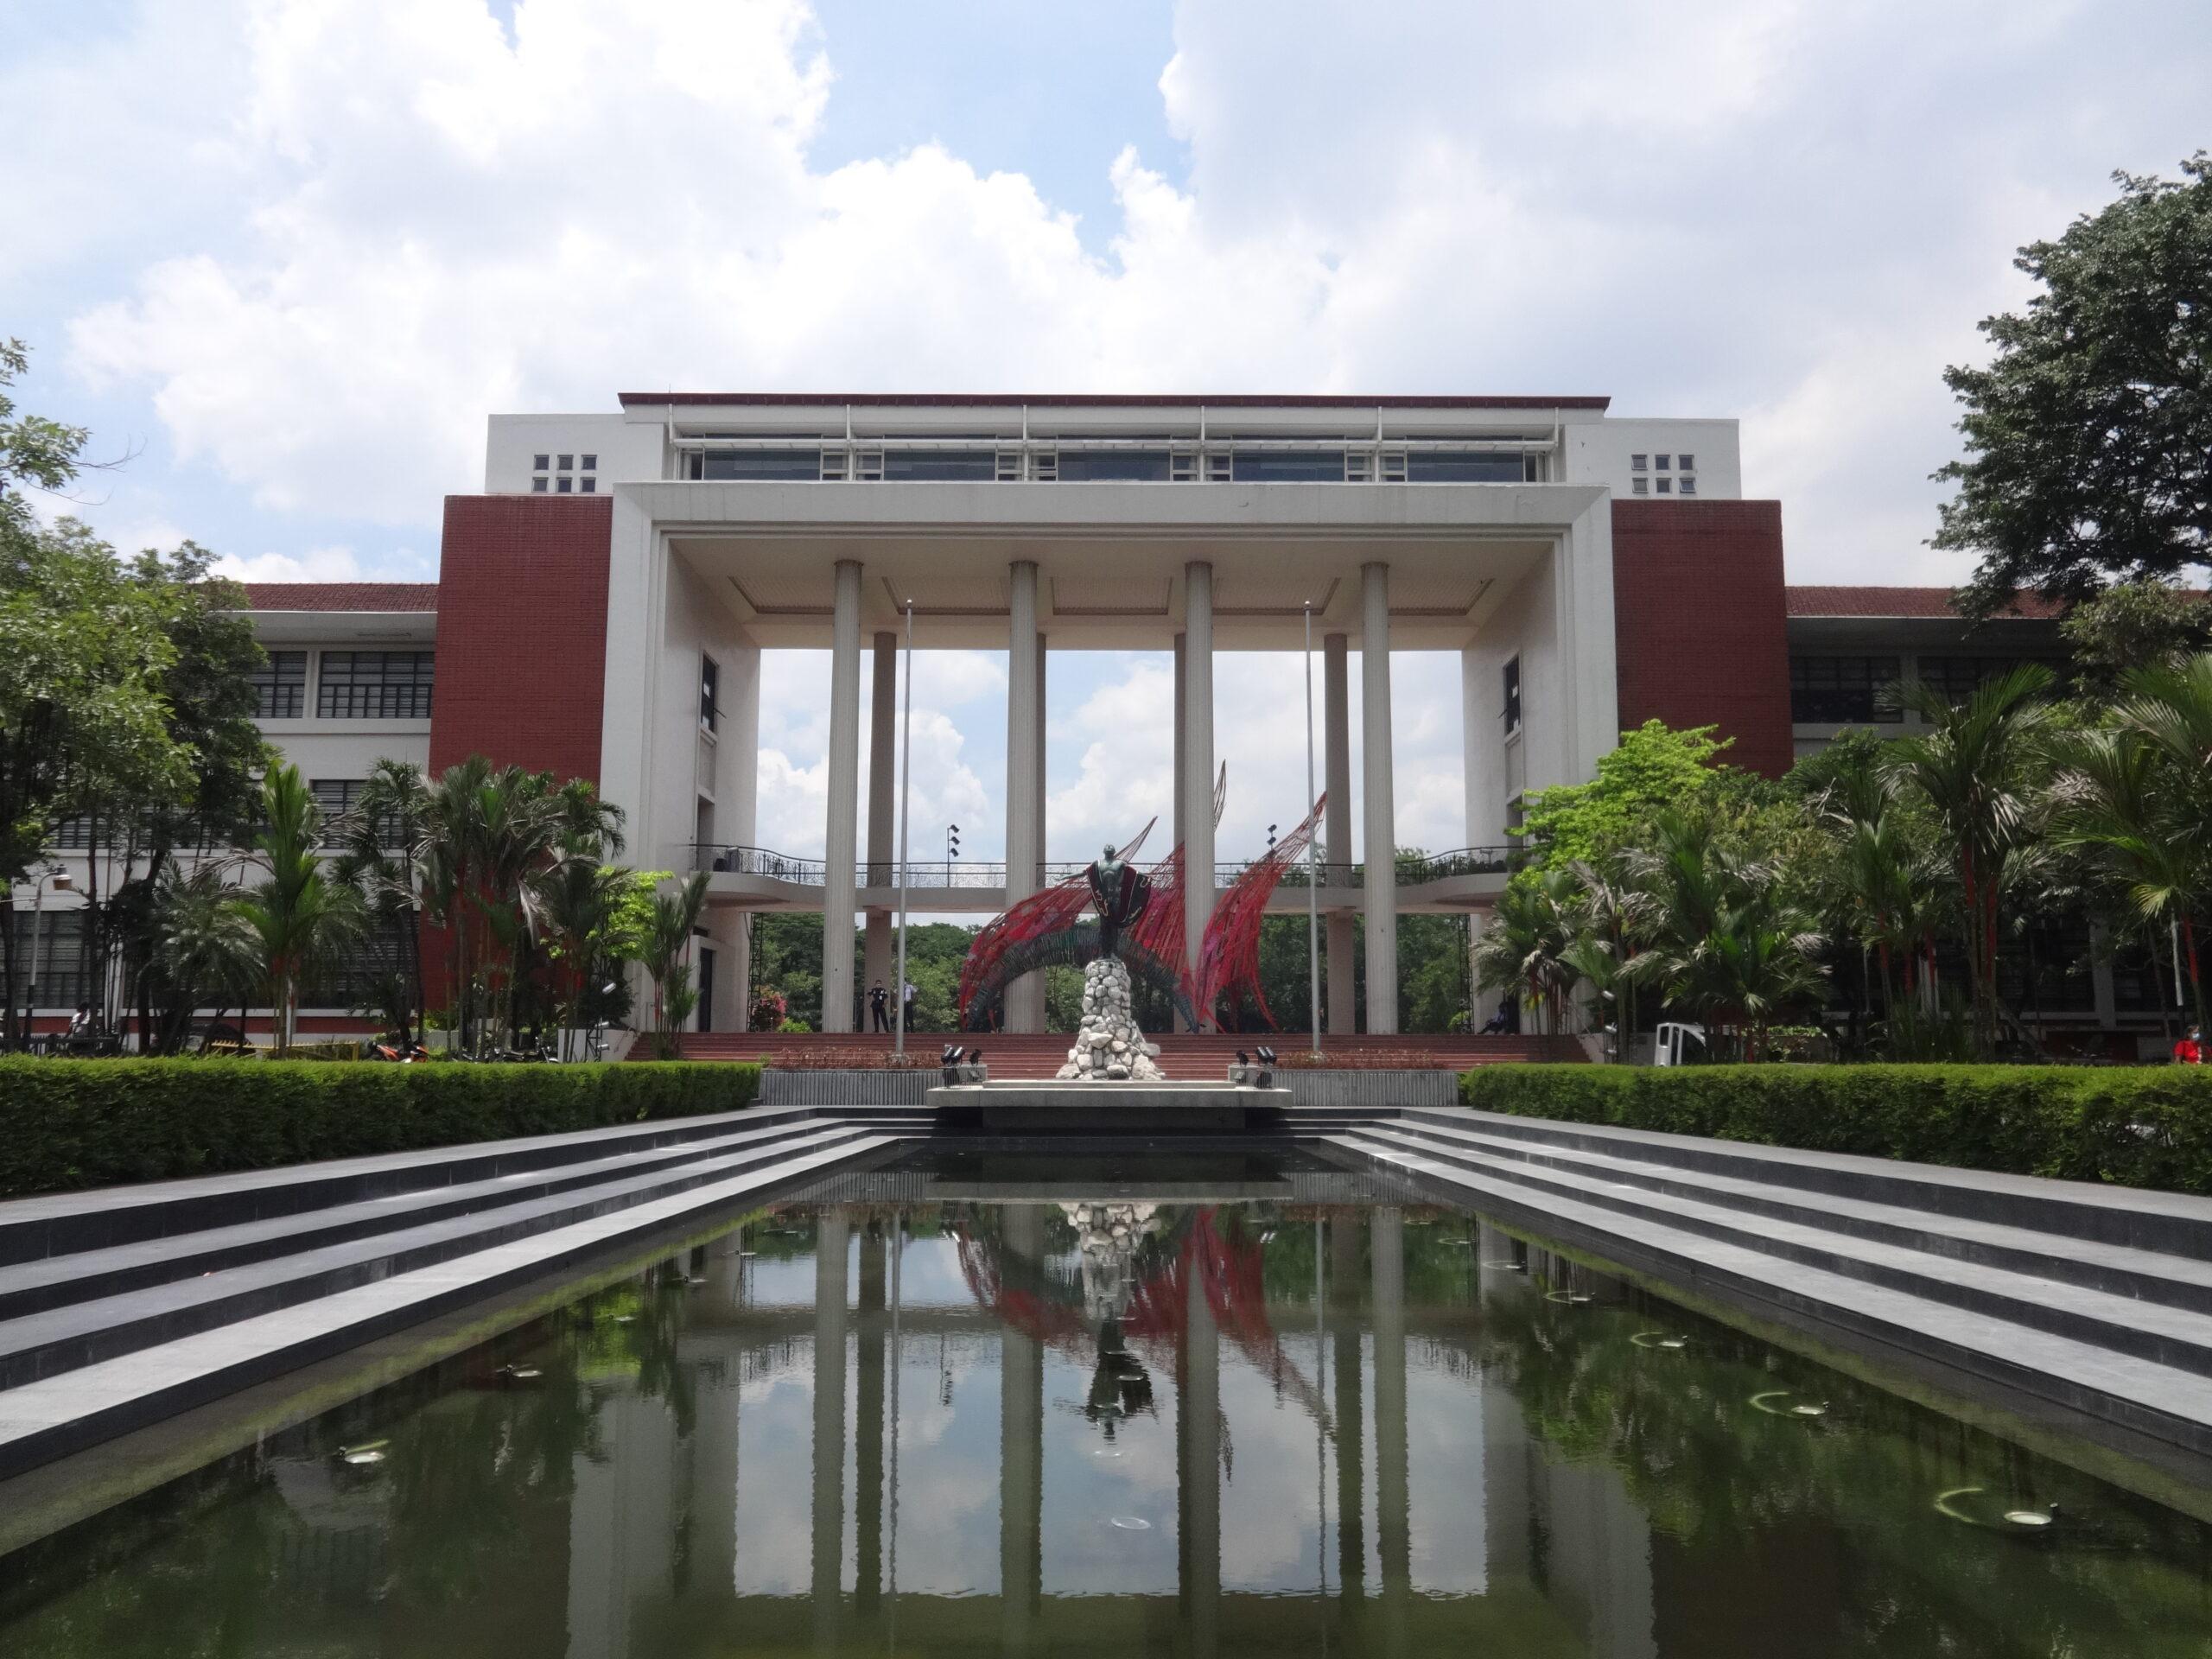 Conheça as melhores universidades do Sudeste Asiático